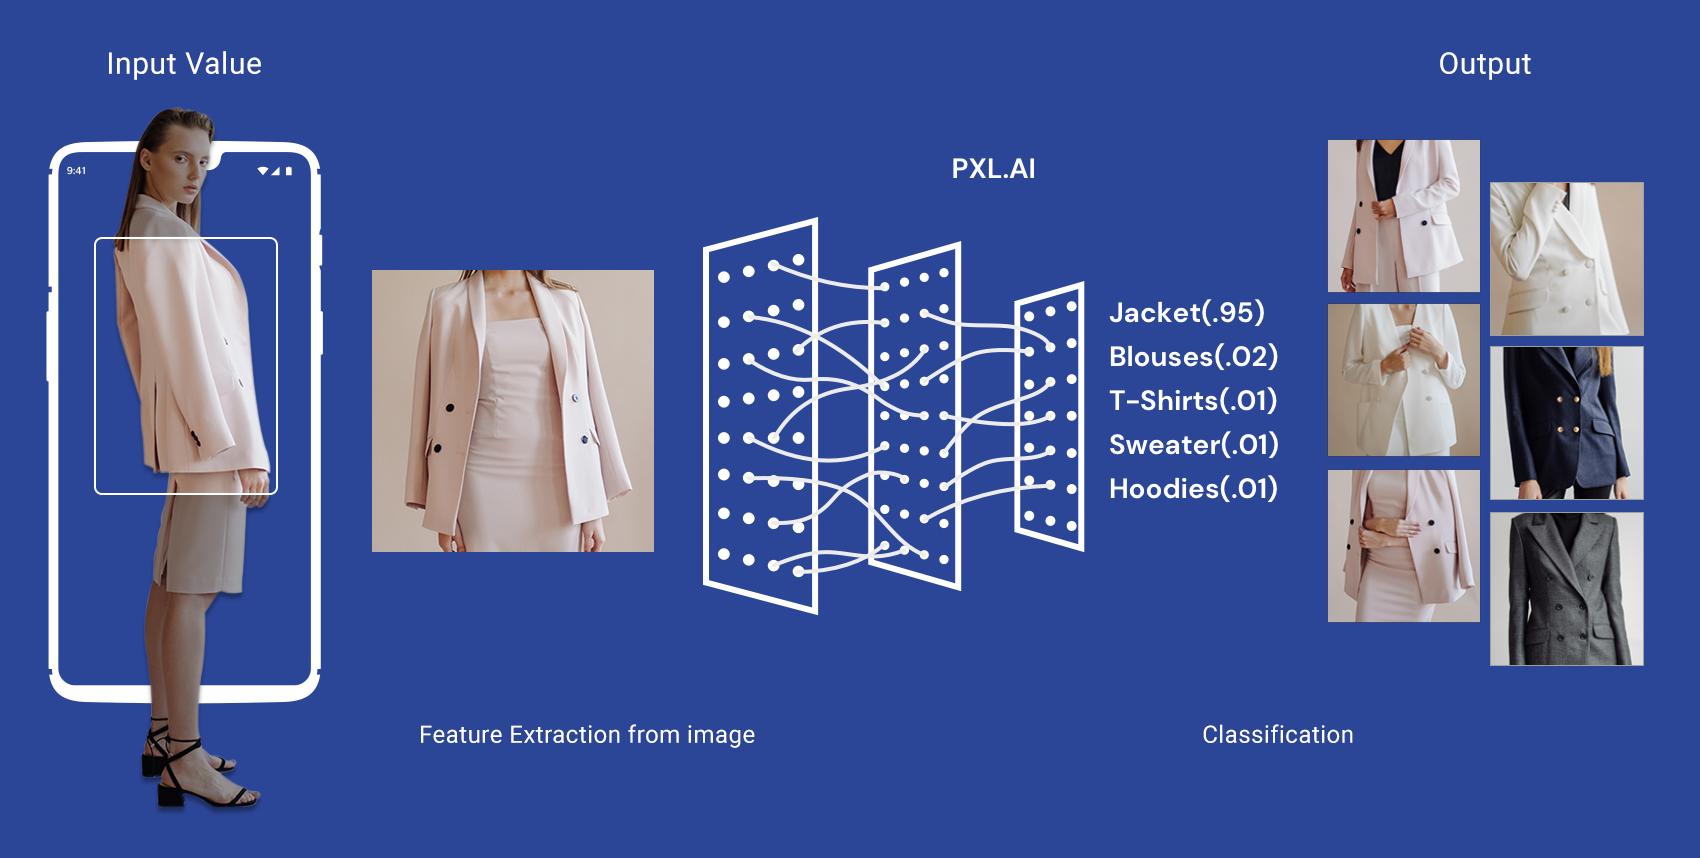 오드컨셉은 이미지 인식과 분석, 머신러닝에 최적화된 엔진을 직접 설계했습니다. 스타일 정보 등 수십억 단위의 데이터를 학습하면서 AI 기술 고도화를 끊임없이 이뤄나가고 있습니다.